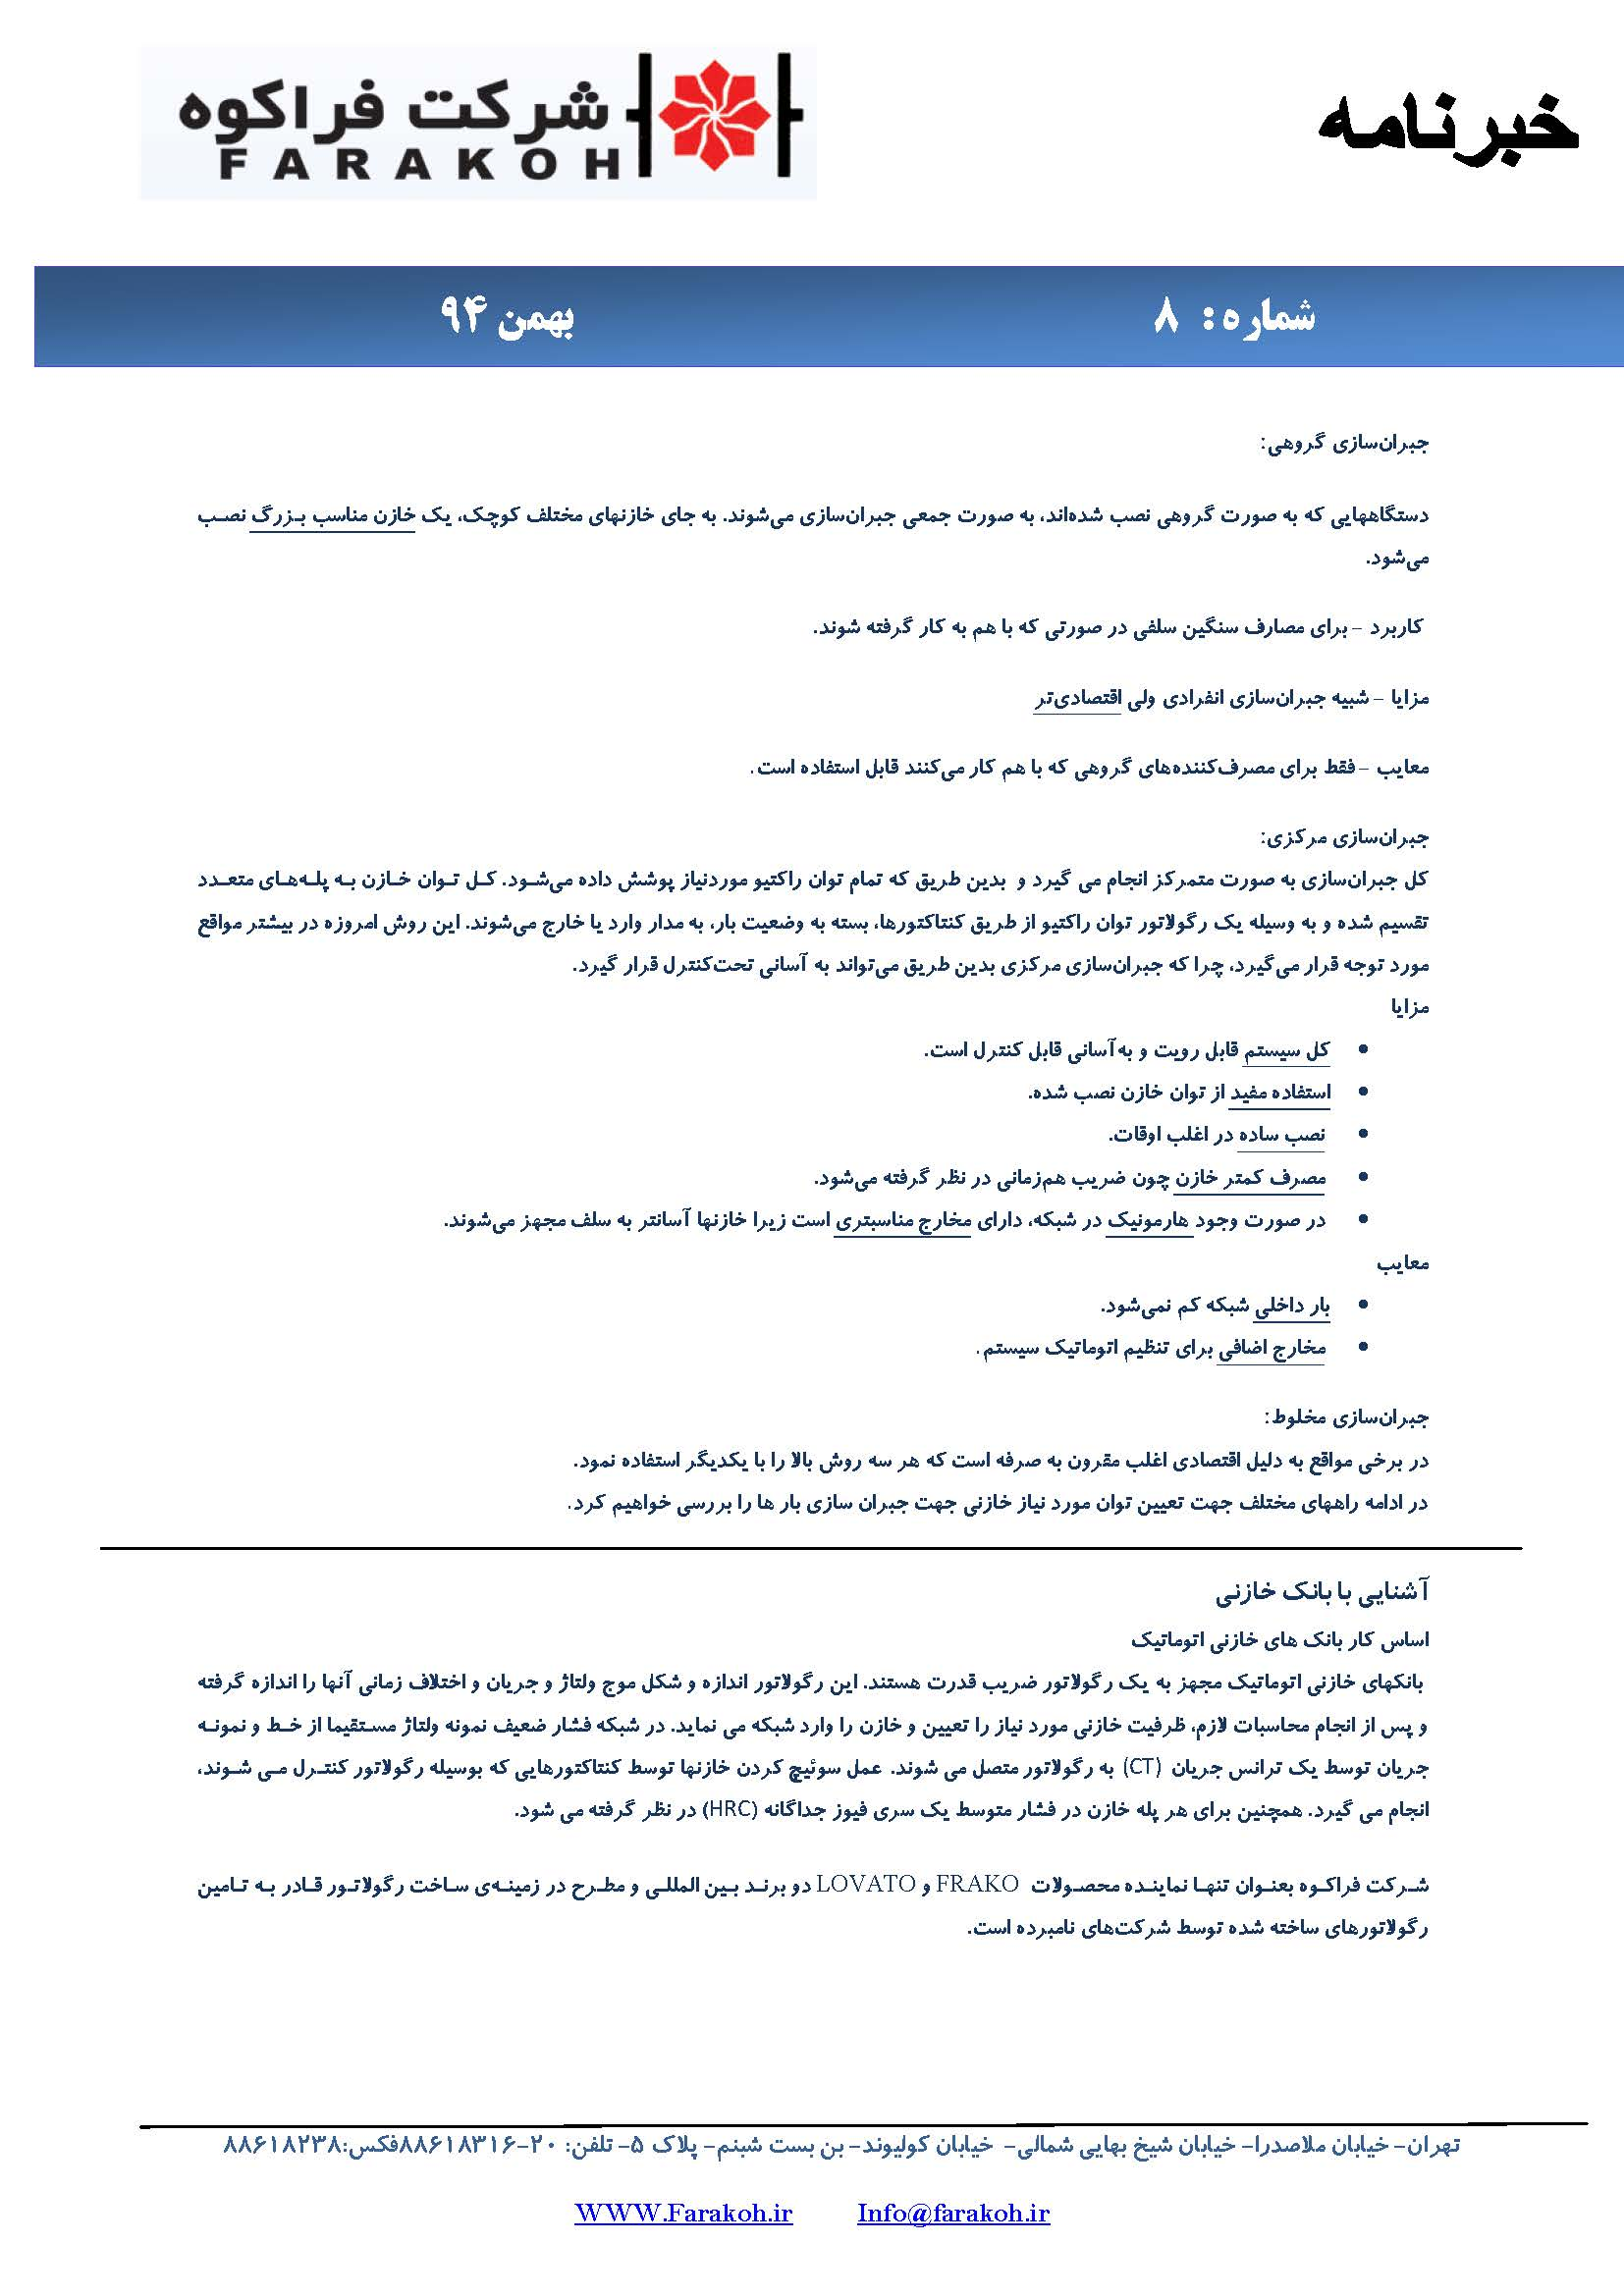 خبرنامه-شماره-۸_Page_2